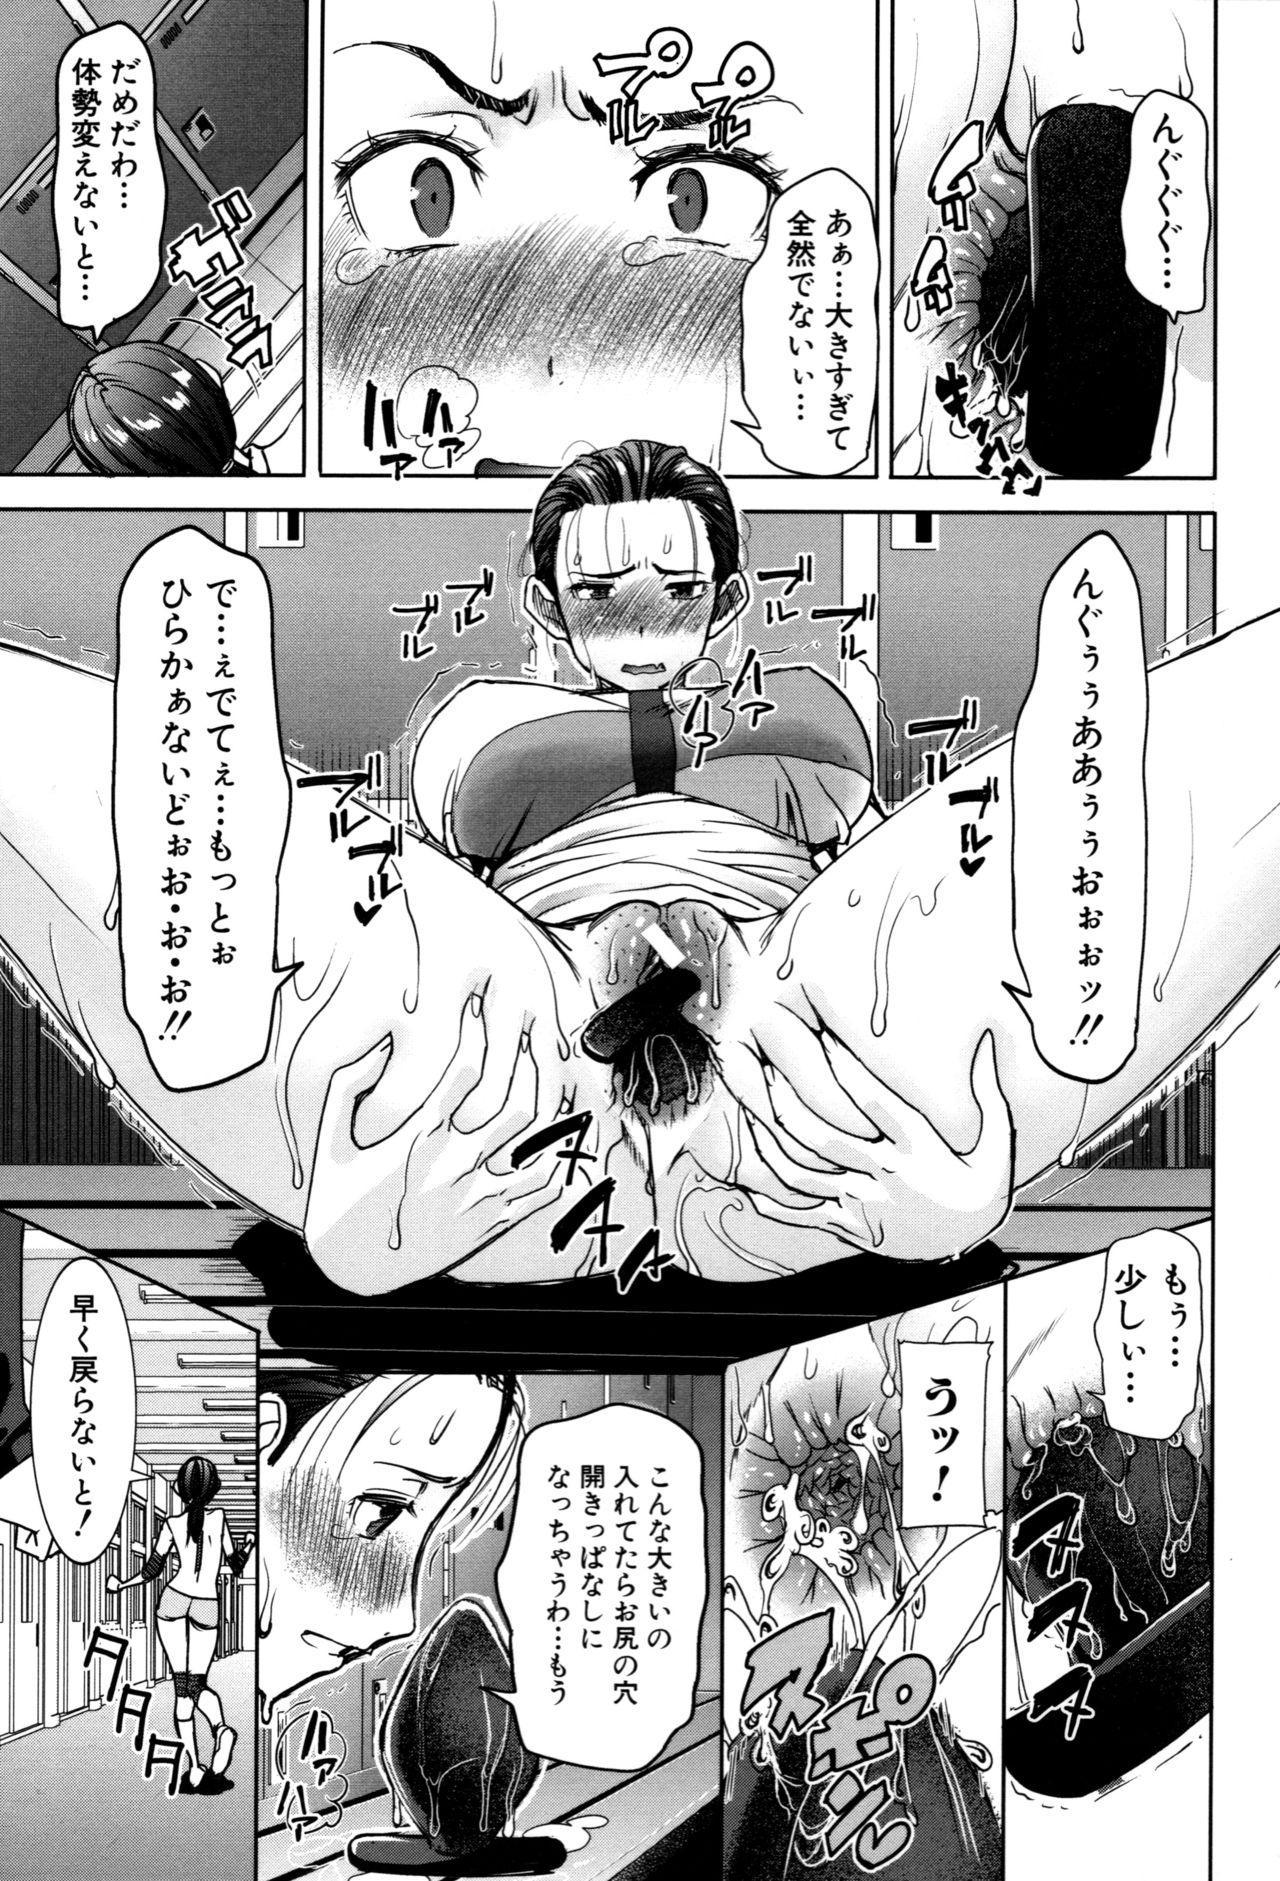 Unsweet - Asahina Ikka Netorareta Haha · Tomoko 104